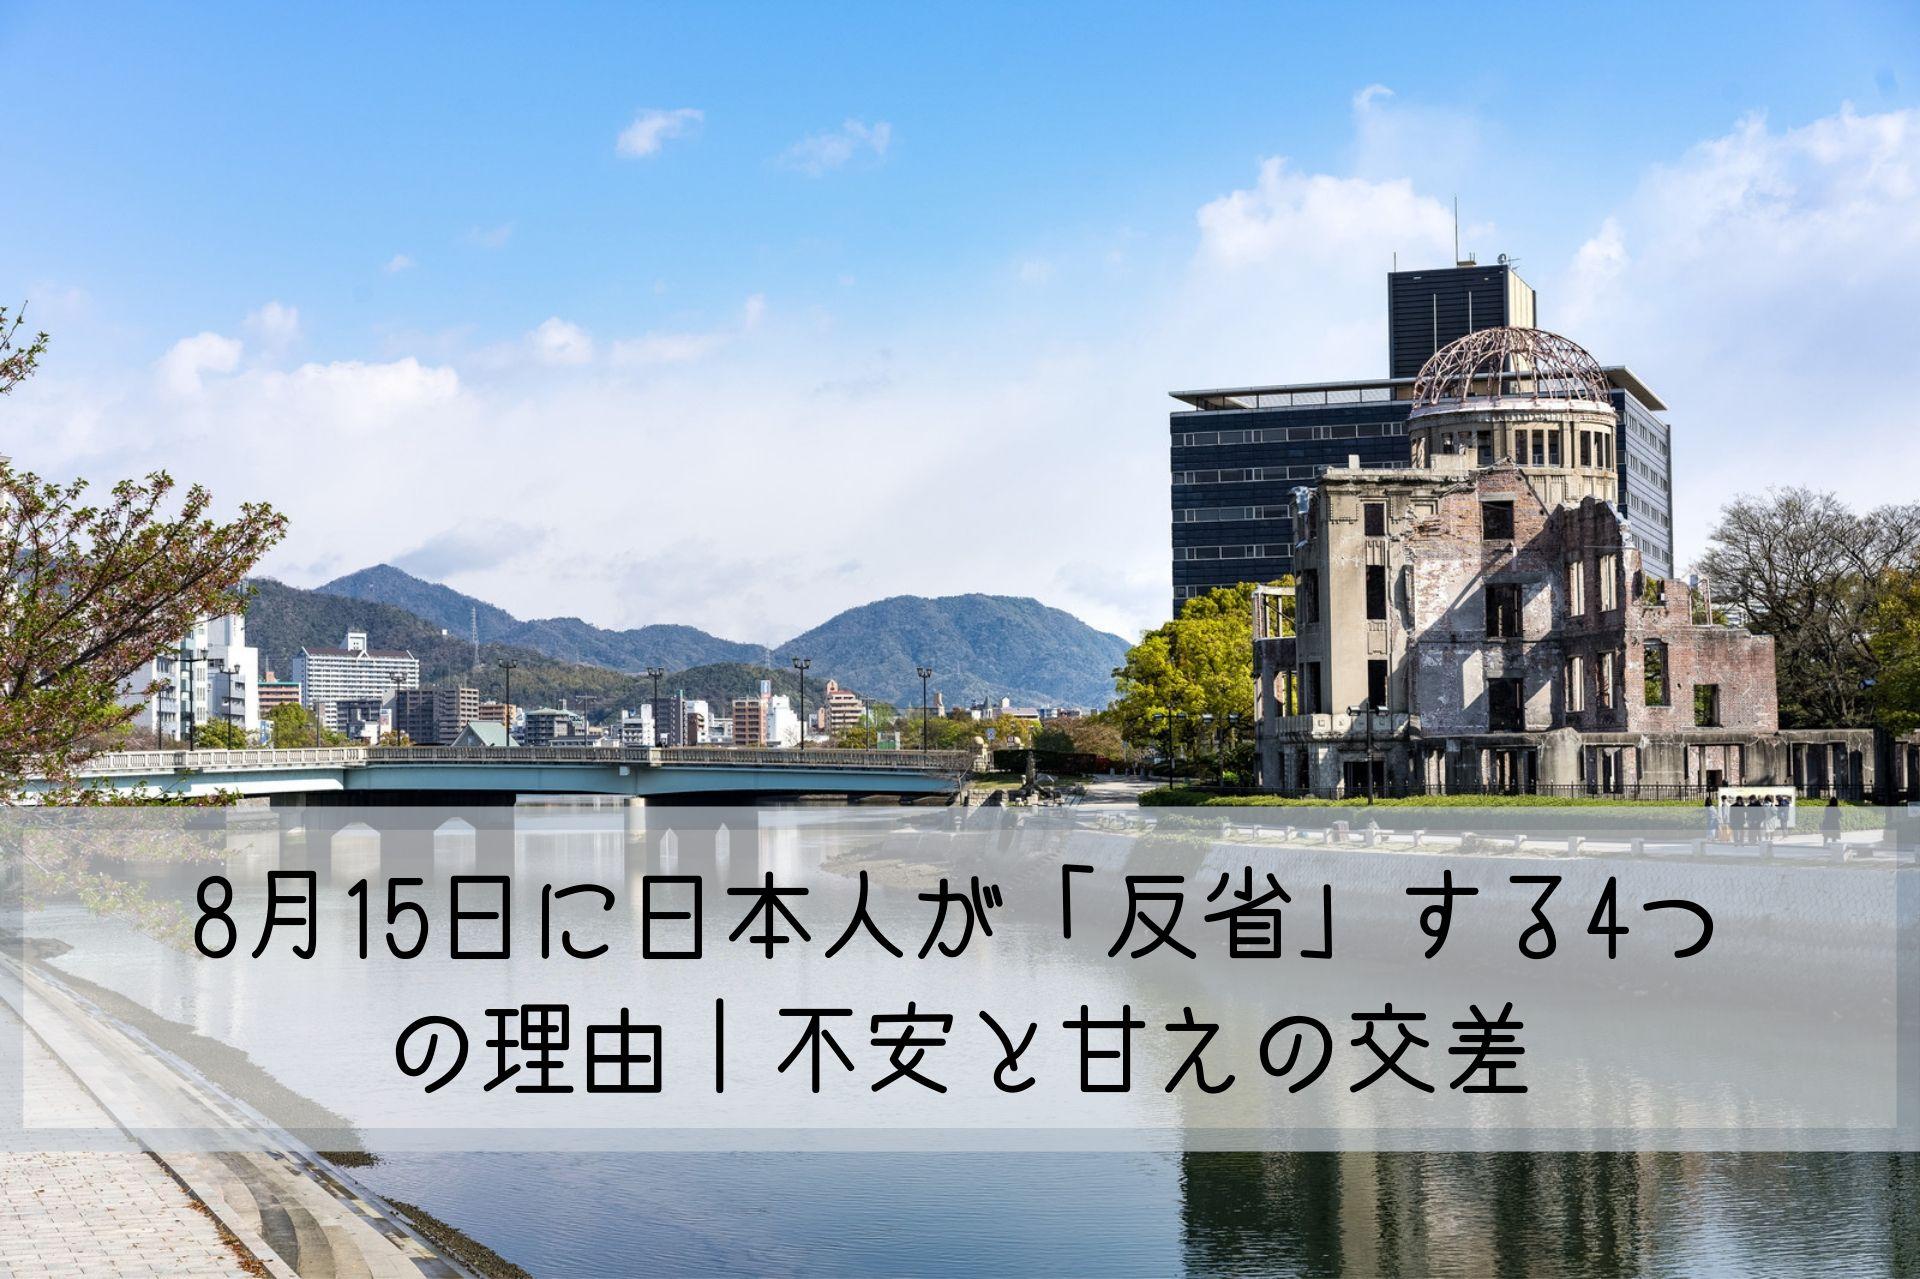 8月15日に日本人が反省する4つの理由 不安と甘えの交差